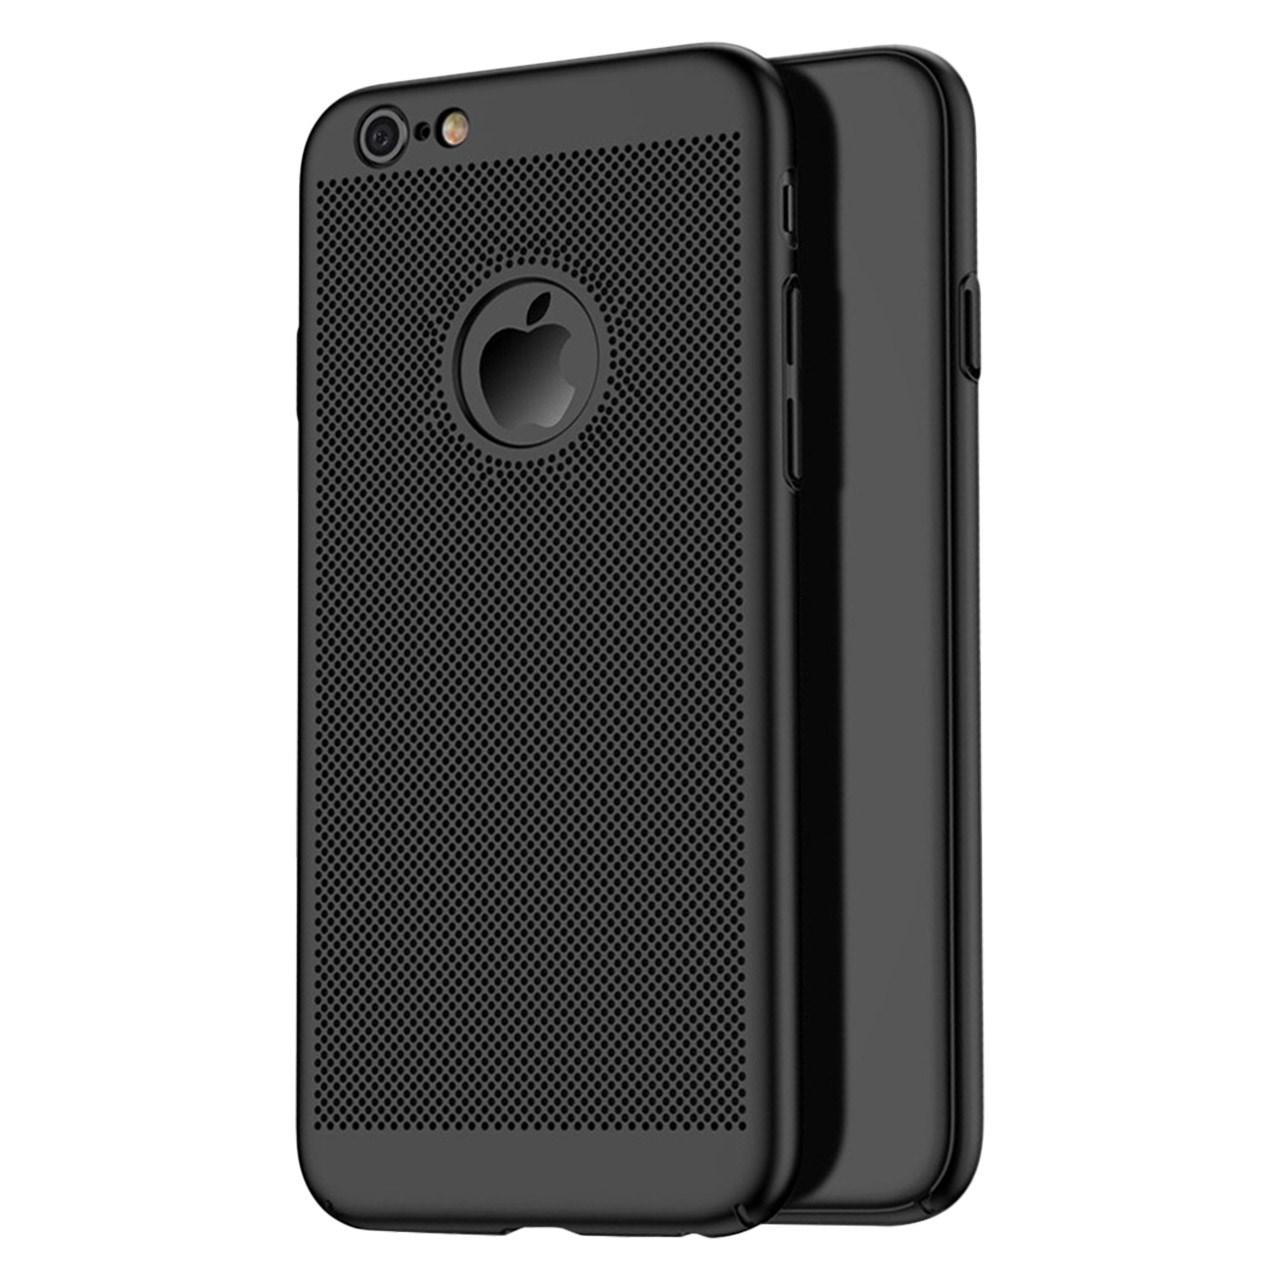 کاور مدل Hard Mesh مناسب برای گوشی موبایل آیفون 6/6s